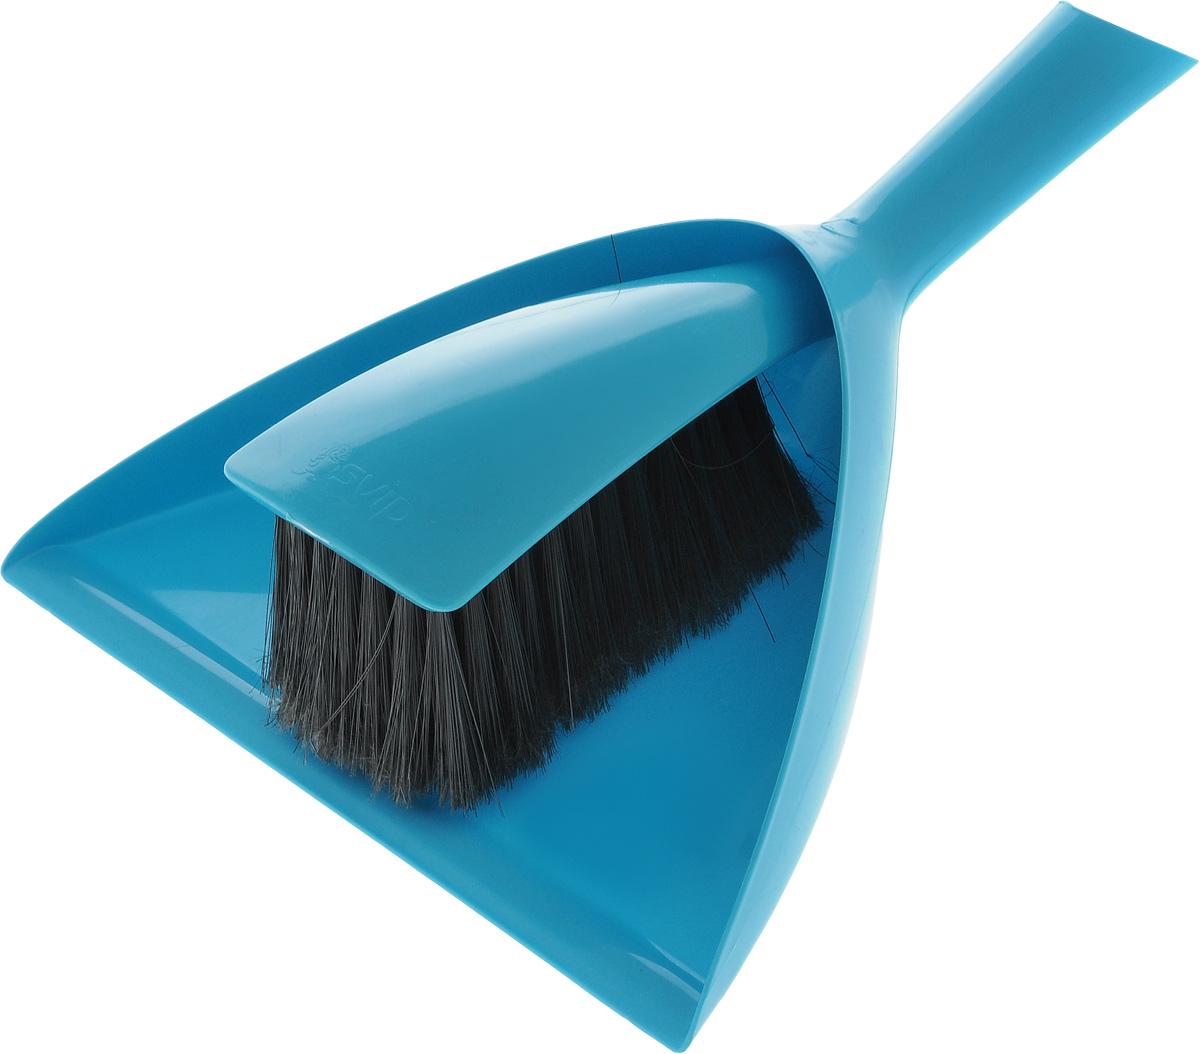 Набор для уборки Svip Original, цвет: бирюзовый, 2 предметаSV4048АМНабор для уборки Svip Original состоит из щетки-сметки и совка, выполненных изполипропилена. Он станет незаменимым помощником в деле удаления пыли и мусора с различныхповерхностей. Удобный, современный и привлекательный.Ворс щетки достаточно длинный, что позволяет собирать даже крупный мусор. Ручка совка позволяет прикреплять его к рукоятке щетки. На рукояти изделий имеется специальное отверстие для подвешивания. Совок вместе со щеткой-сметкой незаменимы в ситуации, когда необходимо быстро убратьмусор на небольшом пространстве. Длина щетки-сметки: 31,5 см, Ширина щетки-сметки: 7,5 см, Длина ворса: 6,5 см. Размер рабочей поверхности совка: 20,5 см х 24 см.Размер совка (с учетом ручки): 34 см х 24 см х 7 см.